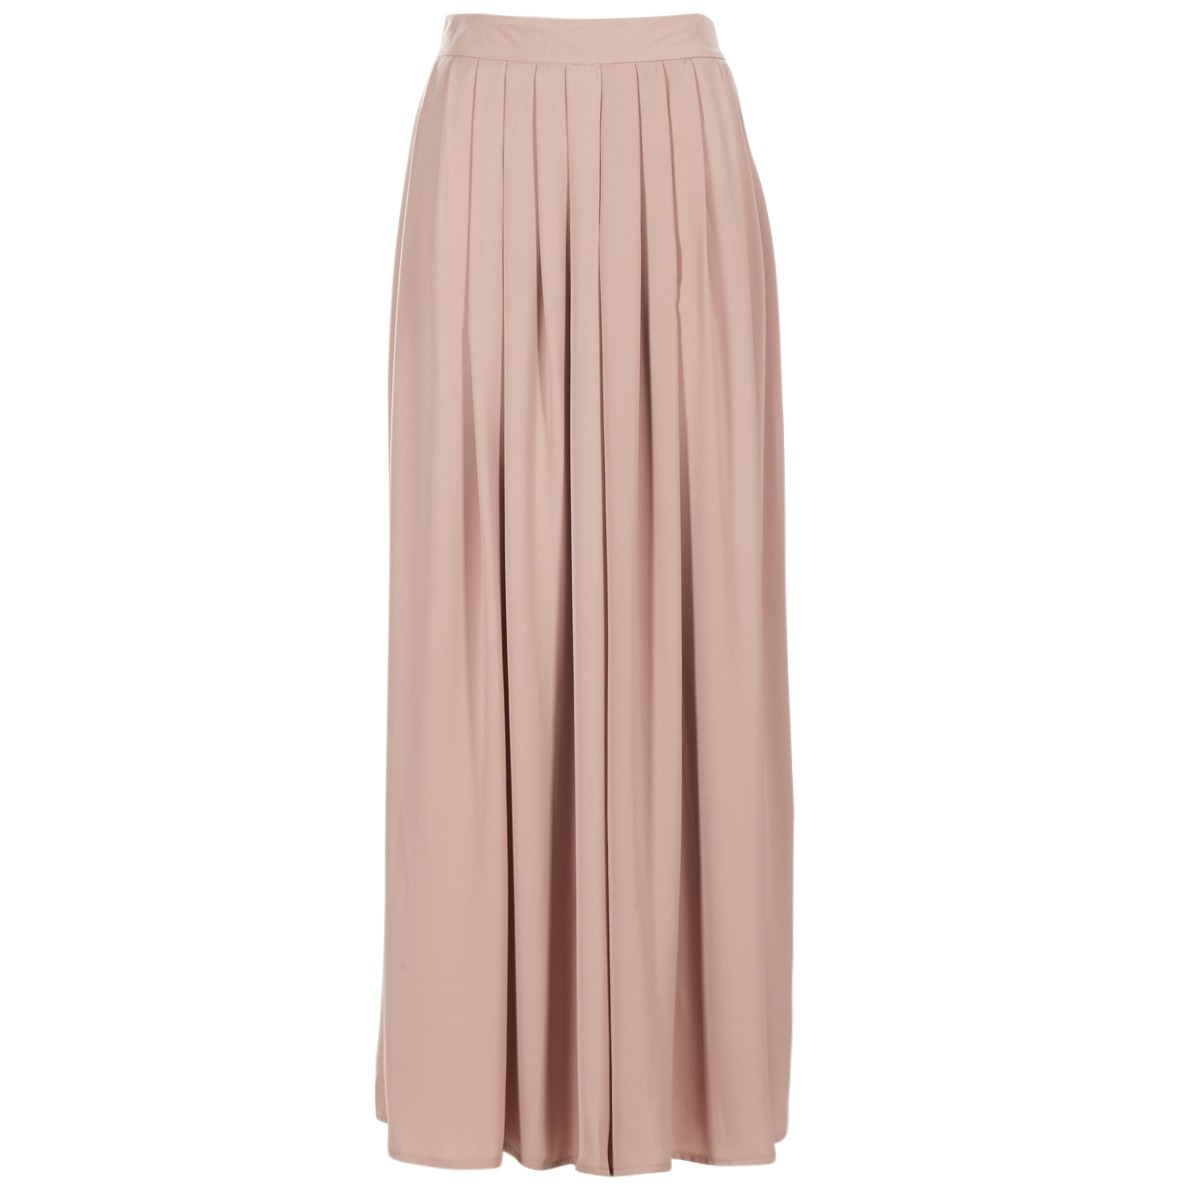 Κοντές Φούστες Betty London I-WEDDAY Σύνθεση  Πολυεστέρας ea1c52f241e